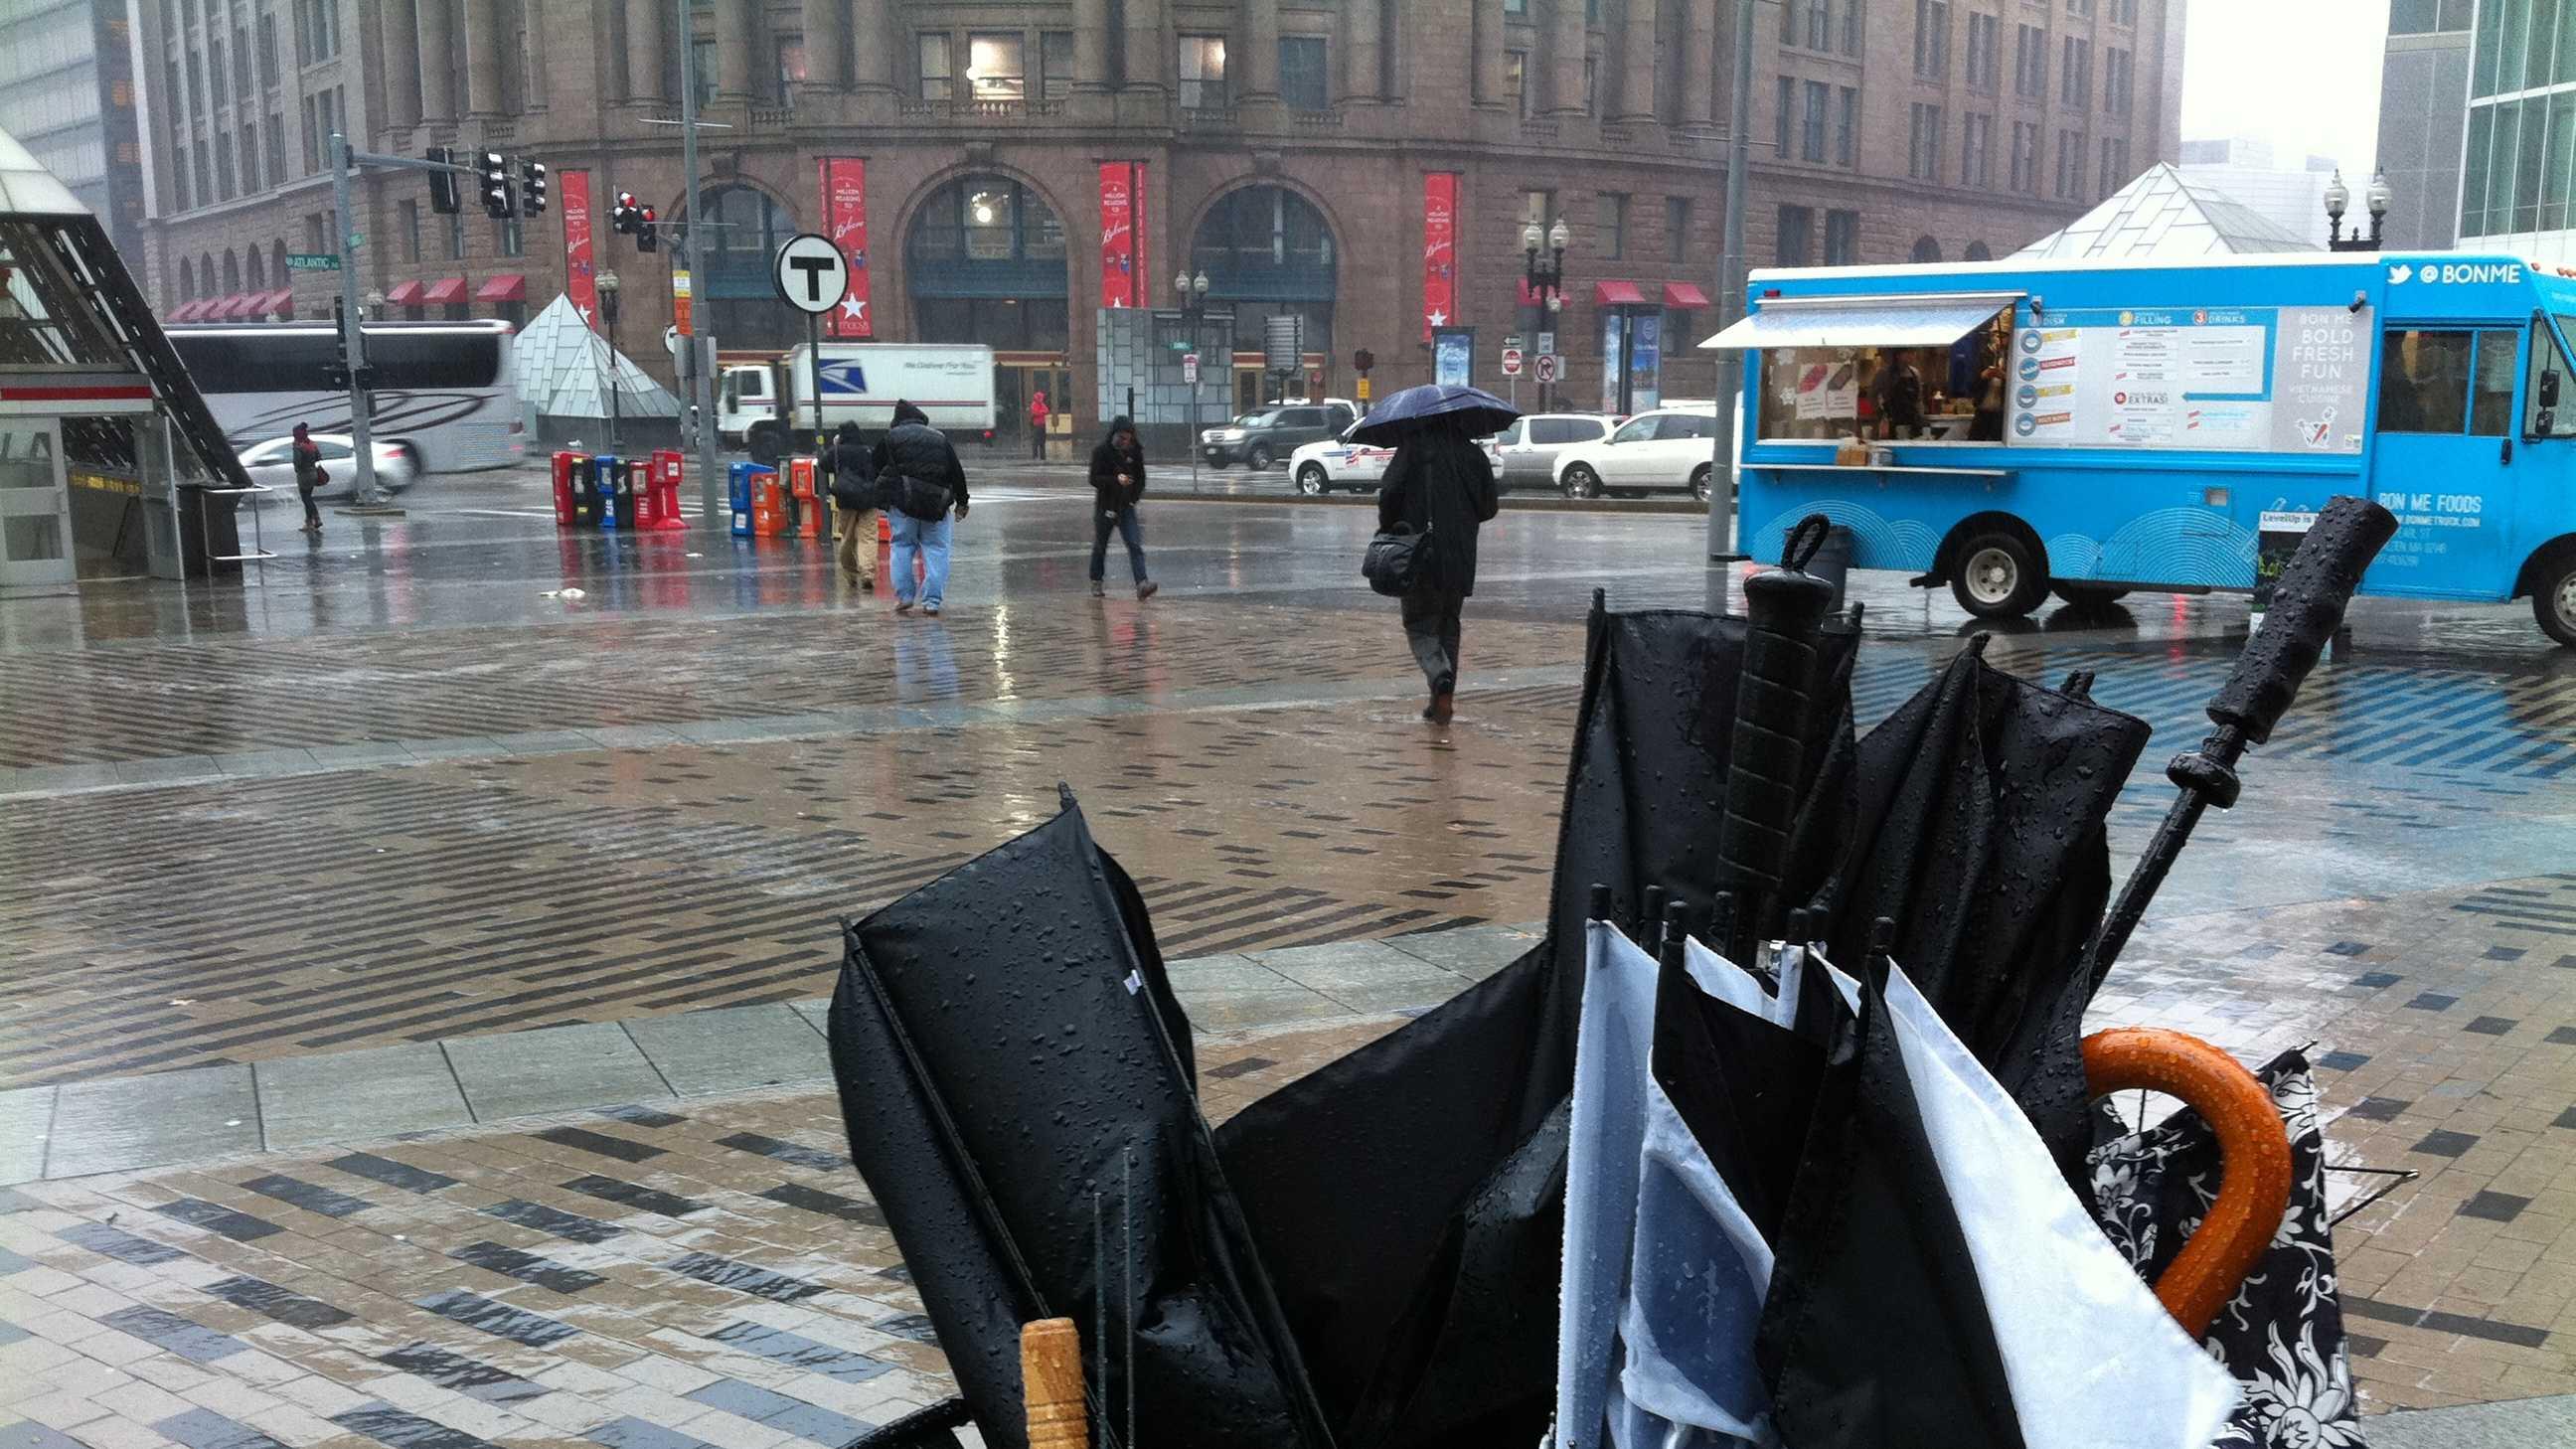 broken umbrellas in trash